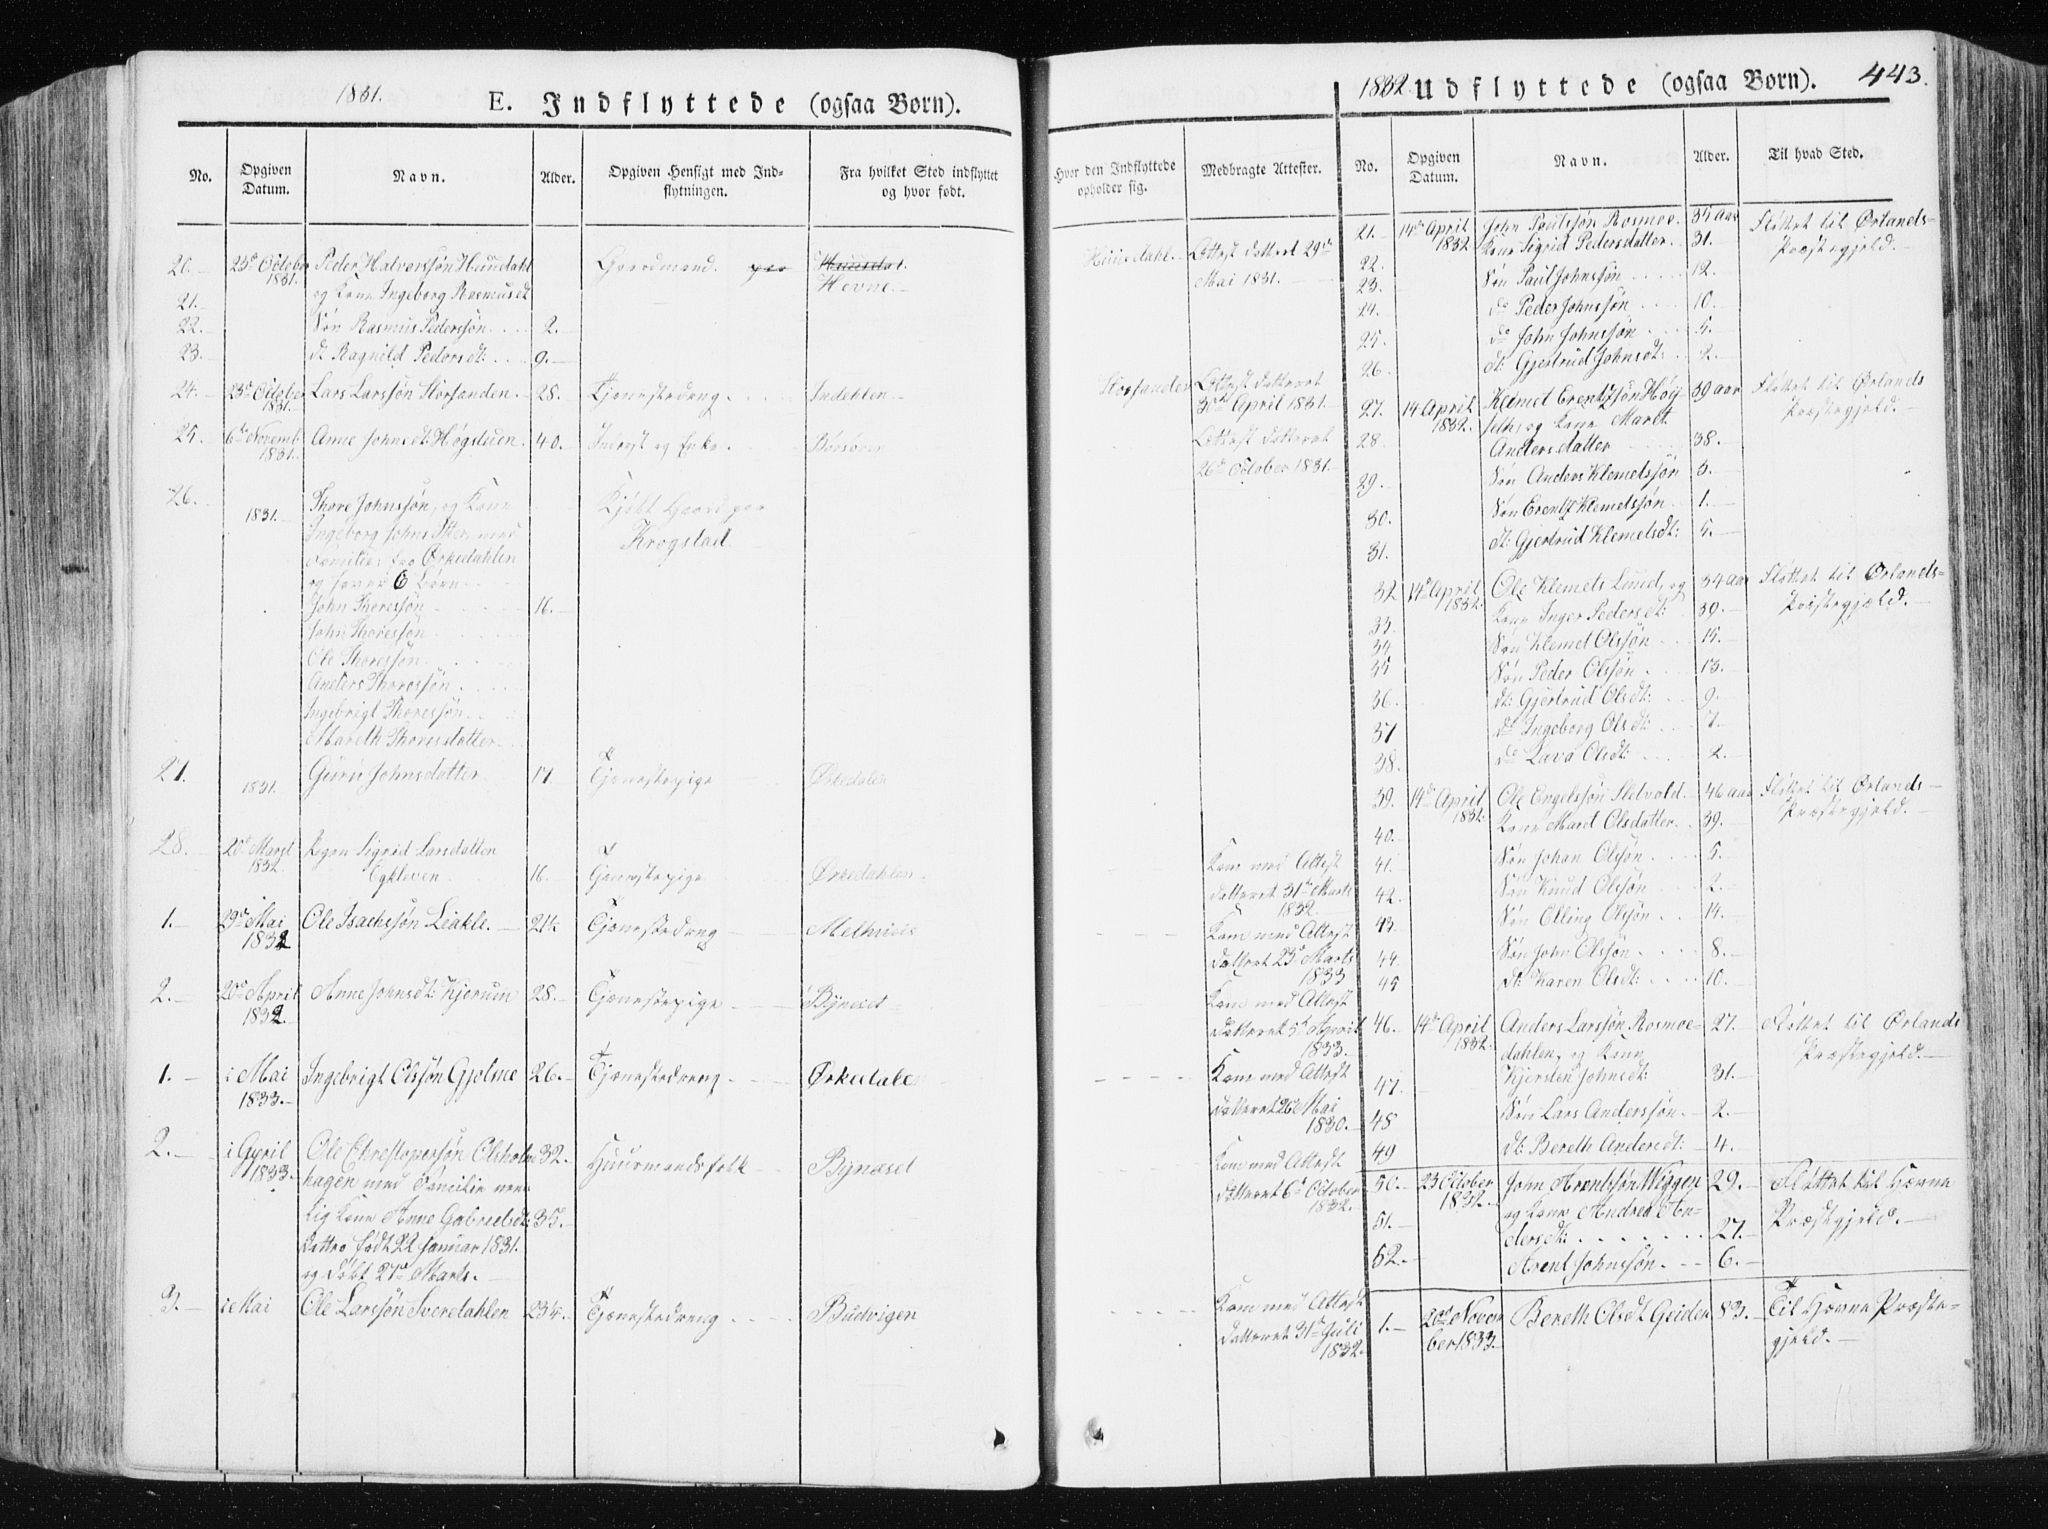 SAT, Ministerialprotokoller, klokkerbøker og fødselsregistre - Sør-Trøndelag, 665/L0771: Ministerialbok nr. 665A06, 1830-1856, s. 443